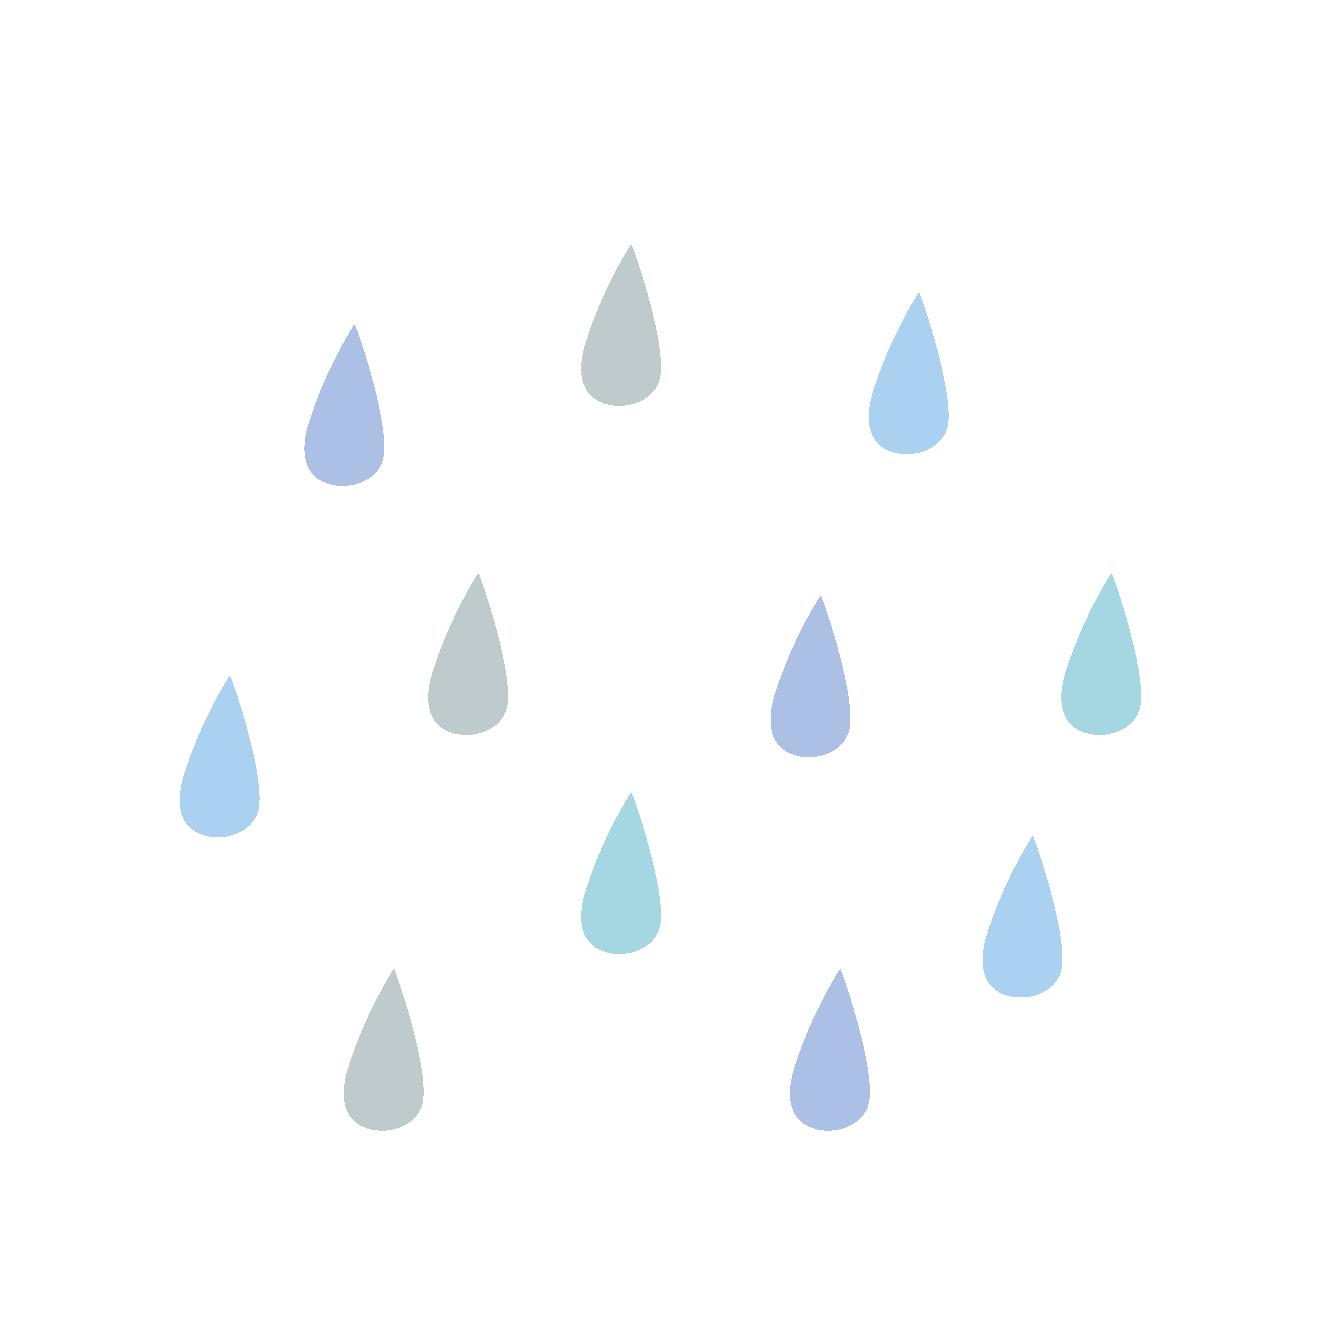 梅雨の日の雨つぶのイラスト | 商用フリー(無料)のイラスト素材なら